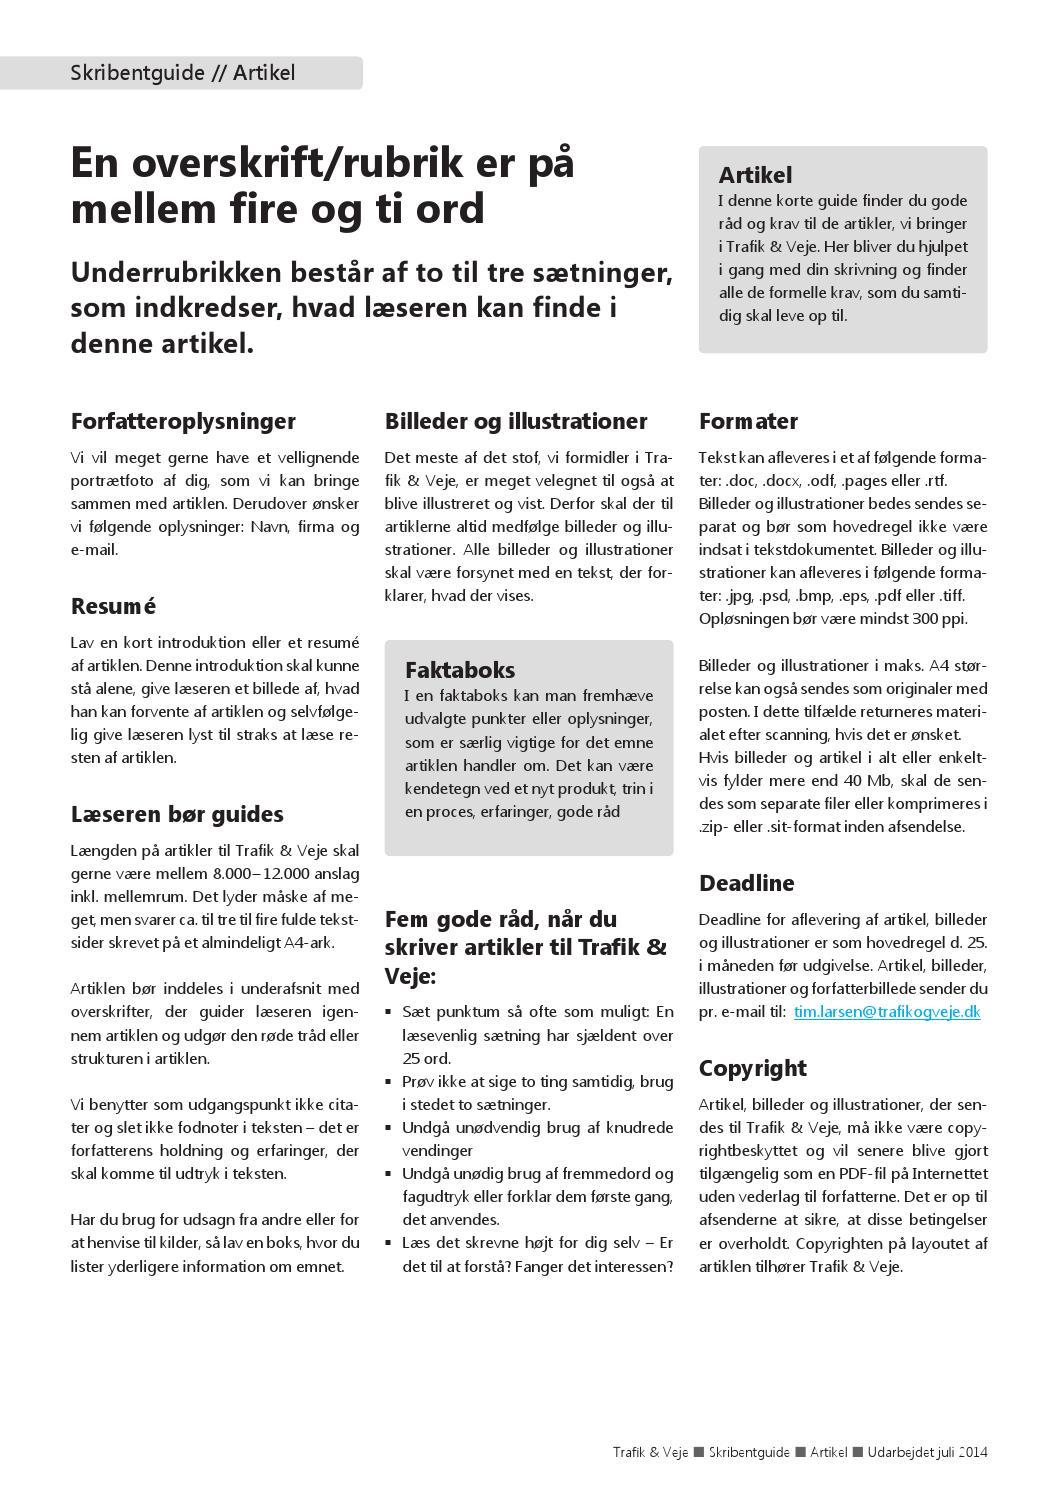 8942b2cd717c trafik-og-veje-skribentguide-artikel-2014-1 by Trafik Veje - issuu